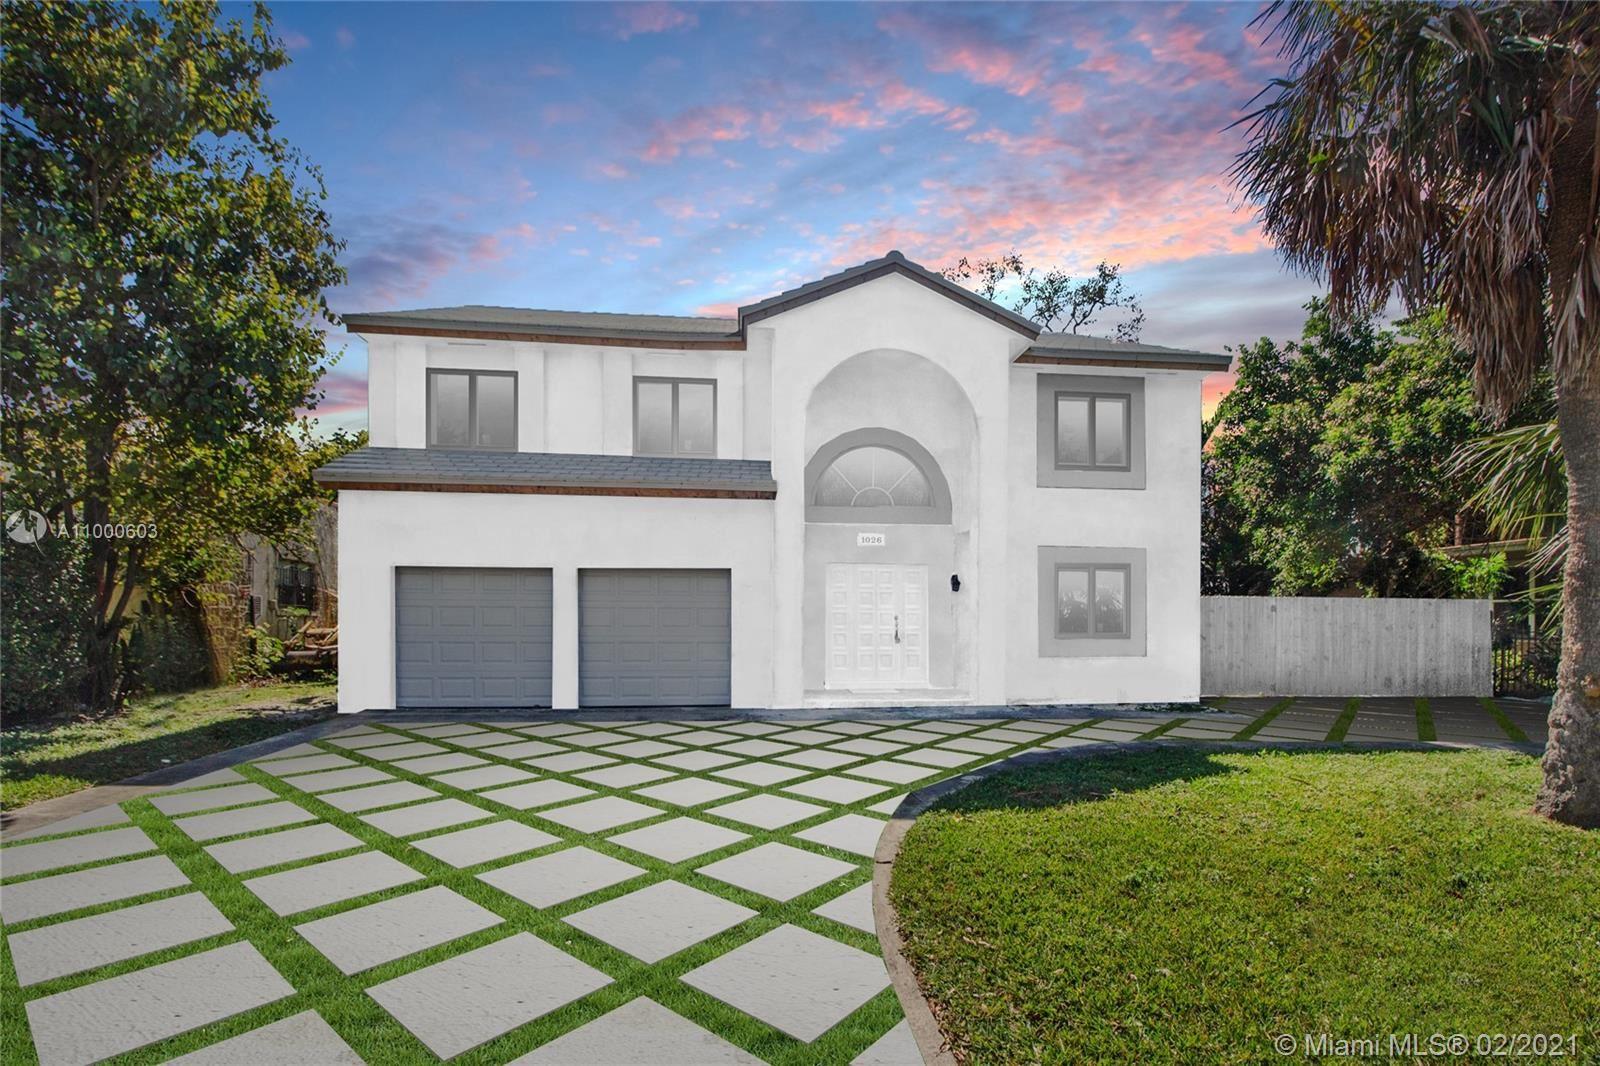 1026 NE 88th St, Miami, FL 33138 - #: A11000603